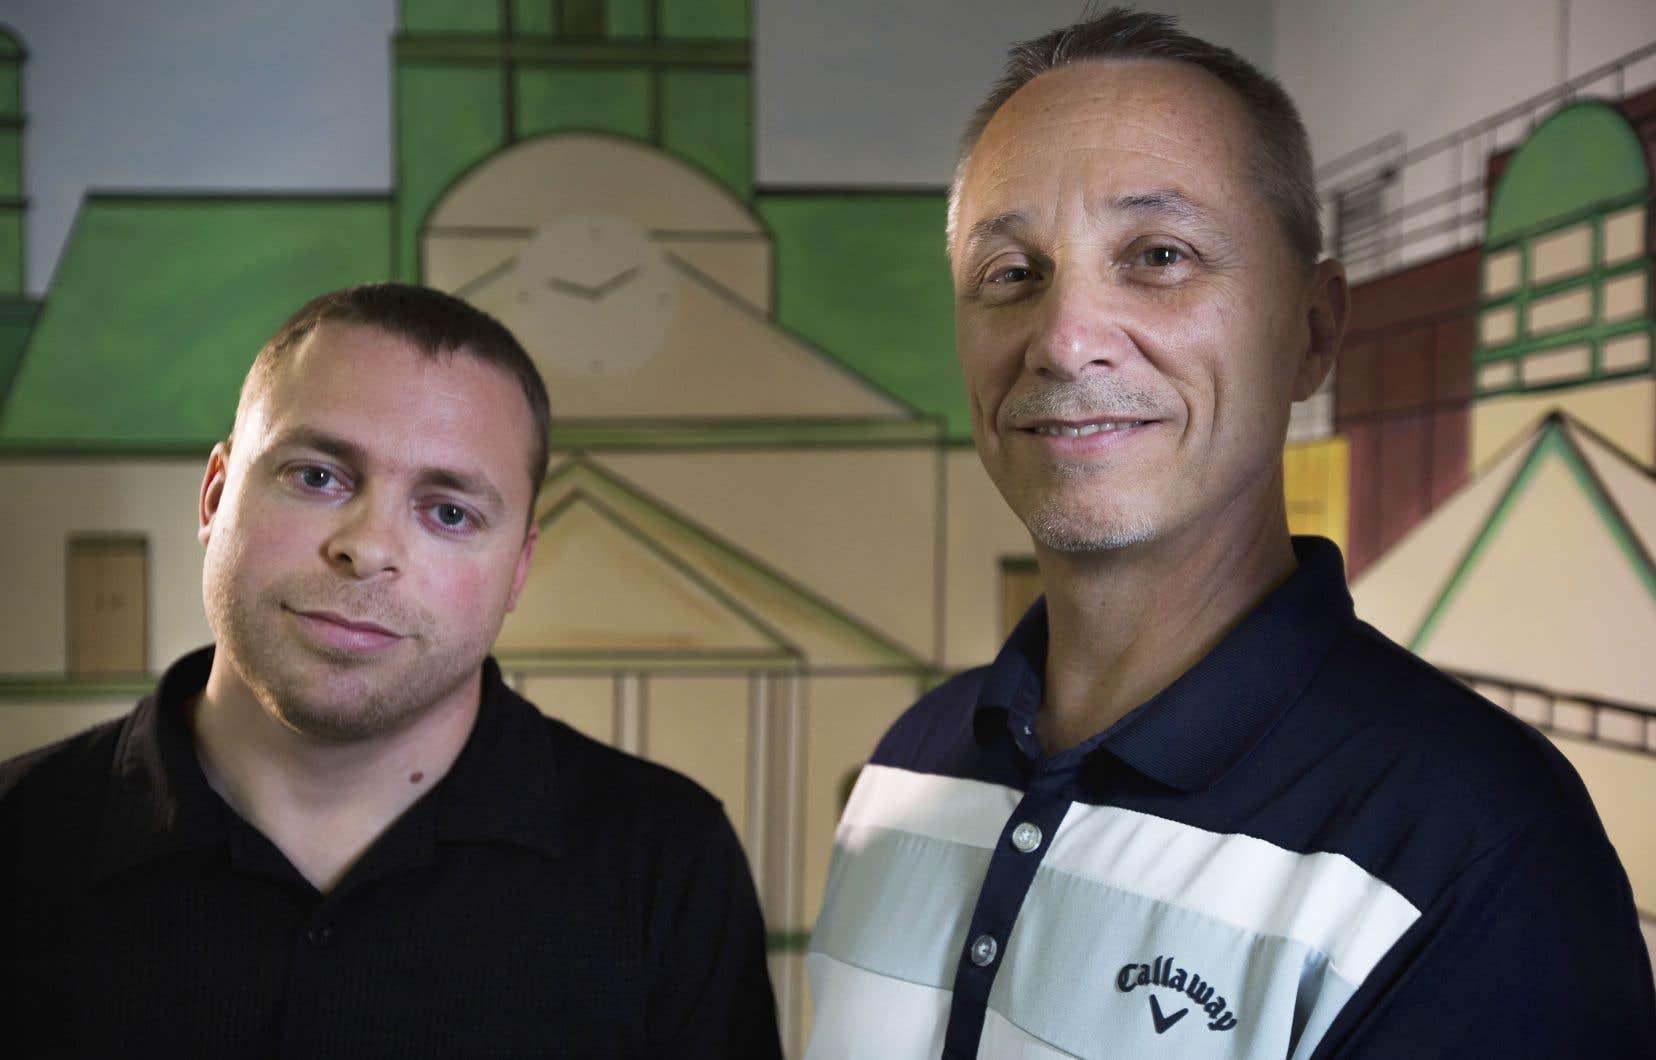 Le directeur général de La Sortie, Ronald Lepage, et le président de l'organisme de bienfaisance, le pasteur Gerry Plunkett, dans leur bureau, à l'église Catch the Fire à Pierrefonds.